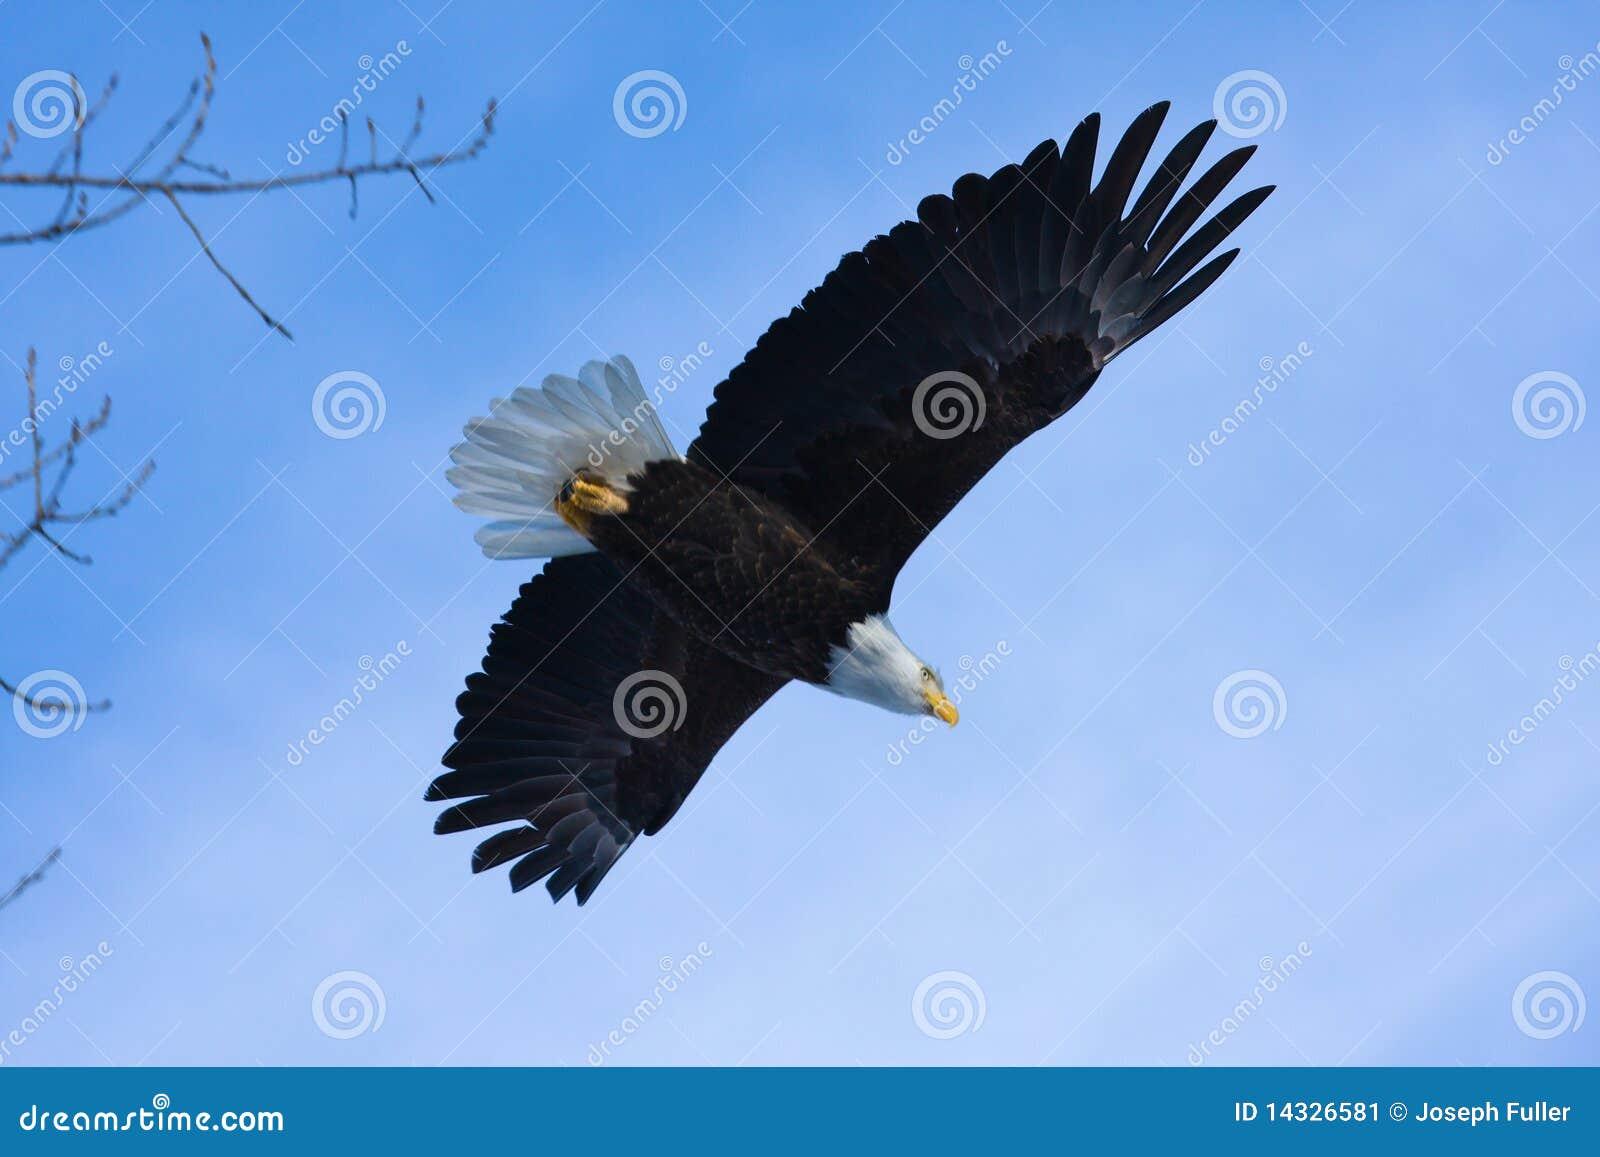 Águia calva americana no vôo